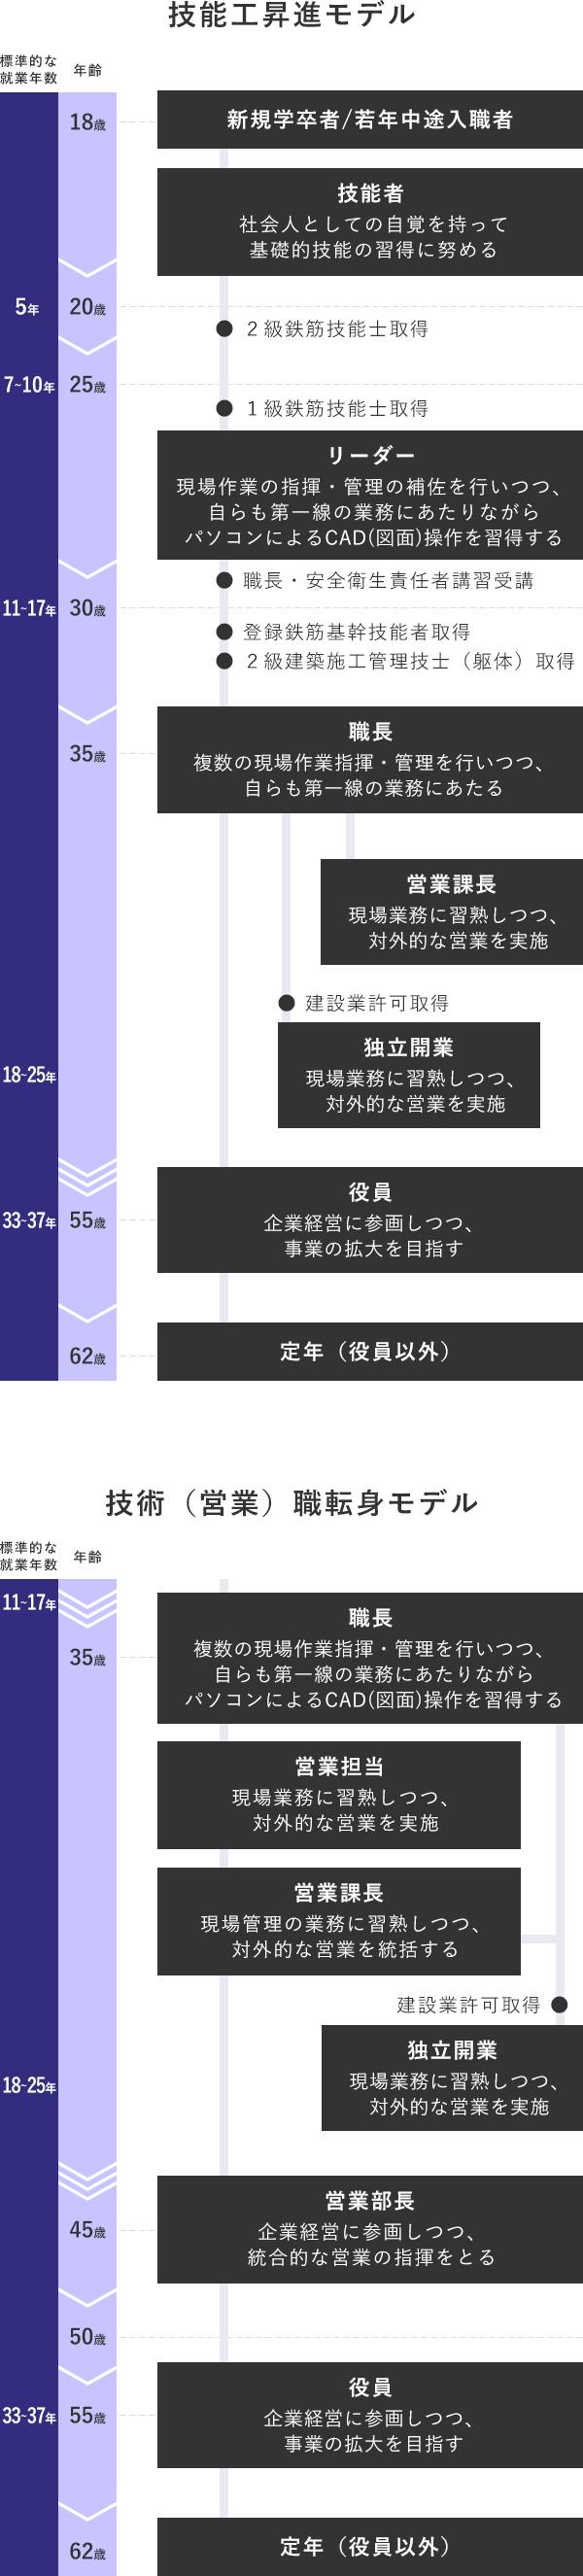 永和産業株式会社のキャリアアップモデル